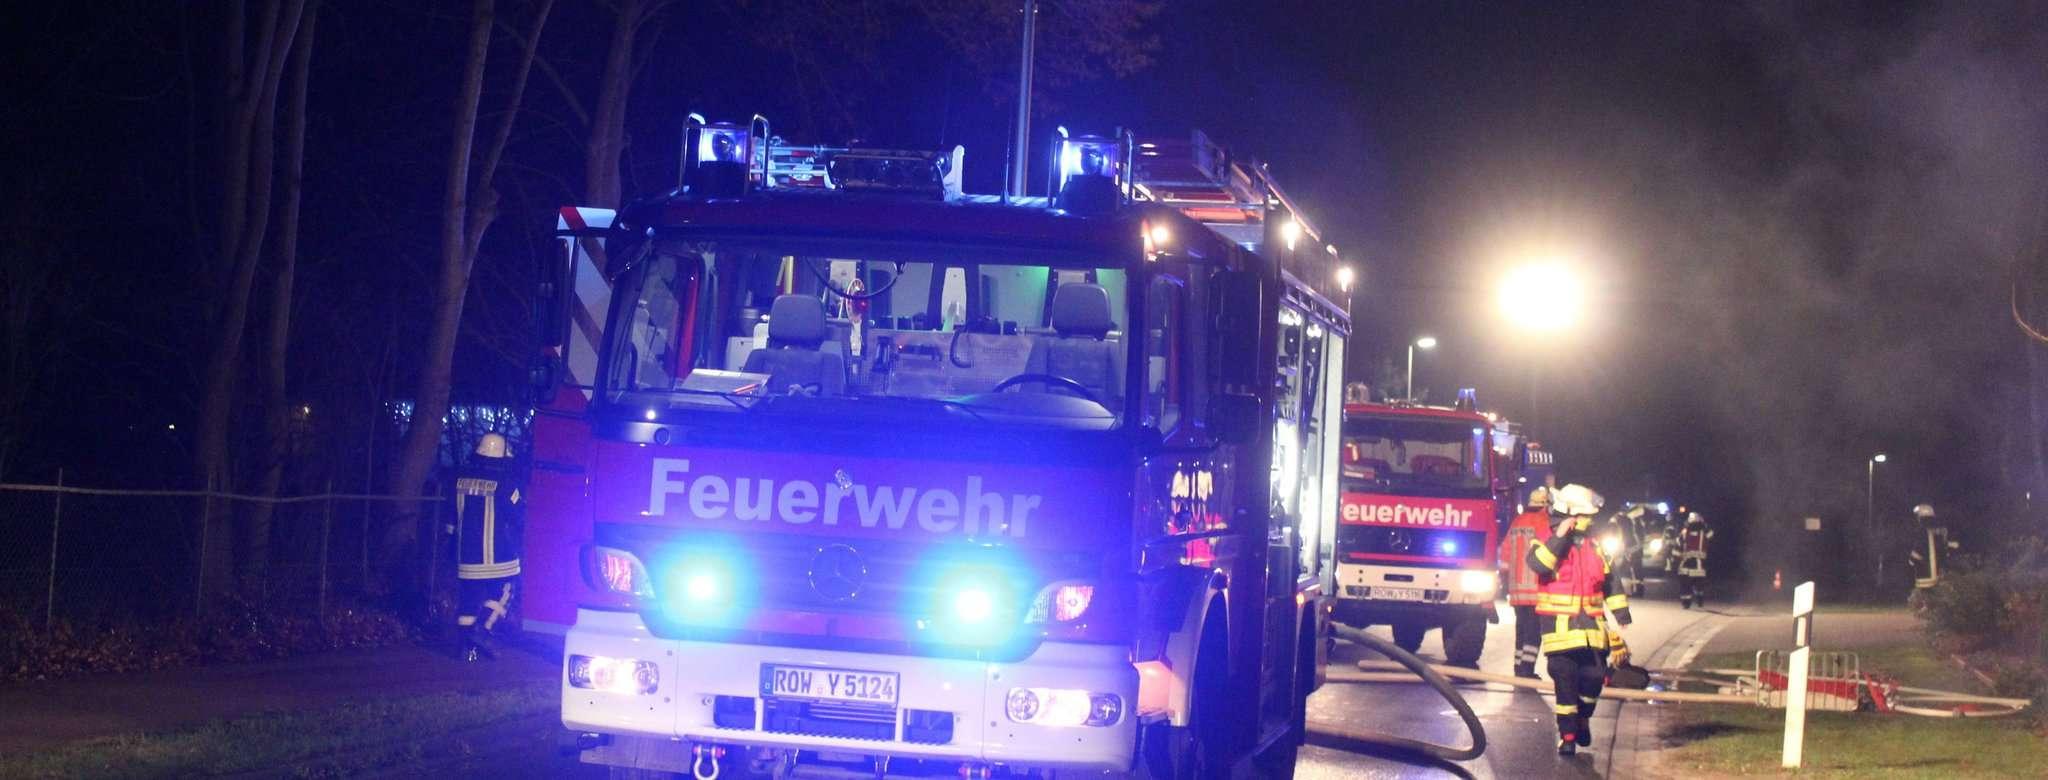 Am Neujahrstag rückte die Visselhöveder Feuerwehr zum ersten Einsatz 2021 aus, Ursache war ein Kellerbrand.